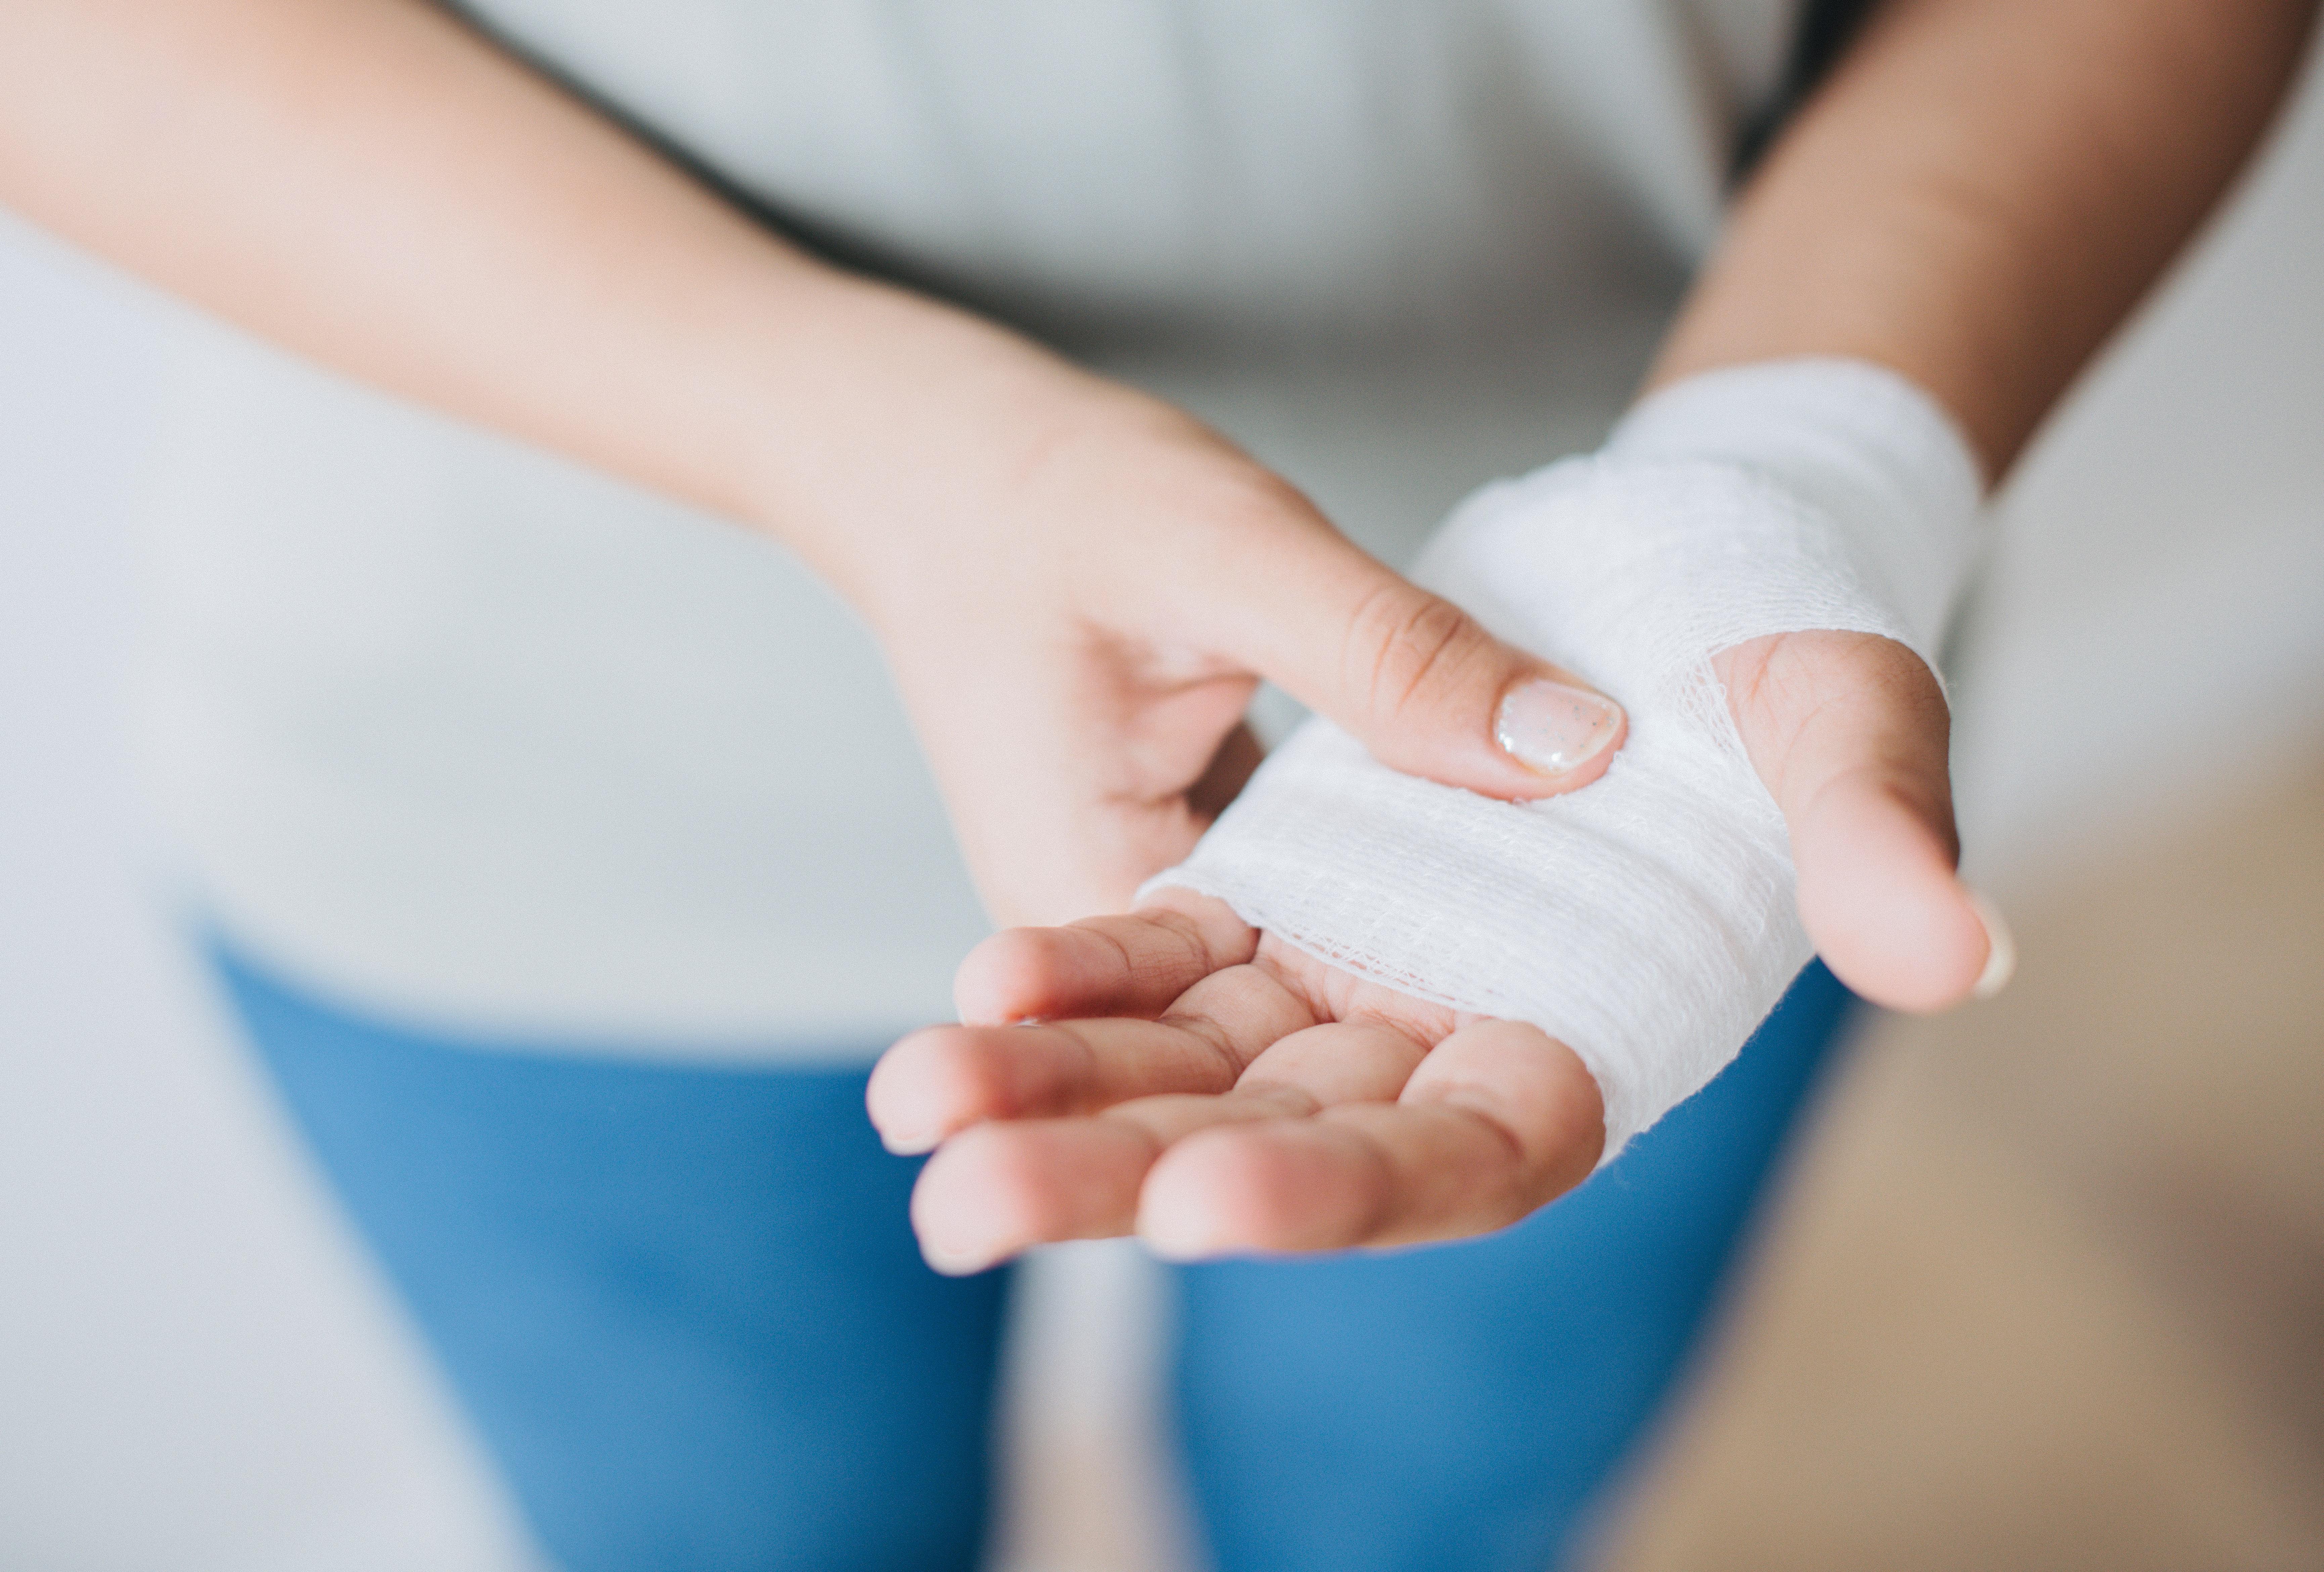 Bandage On Wrist